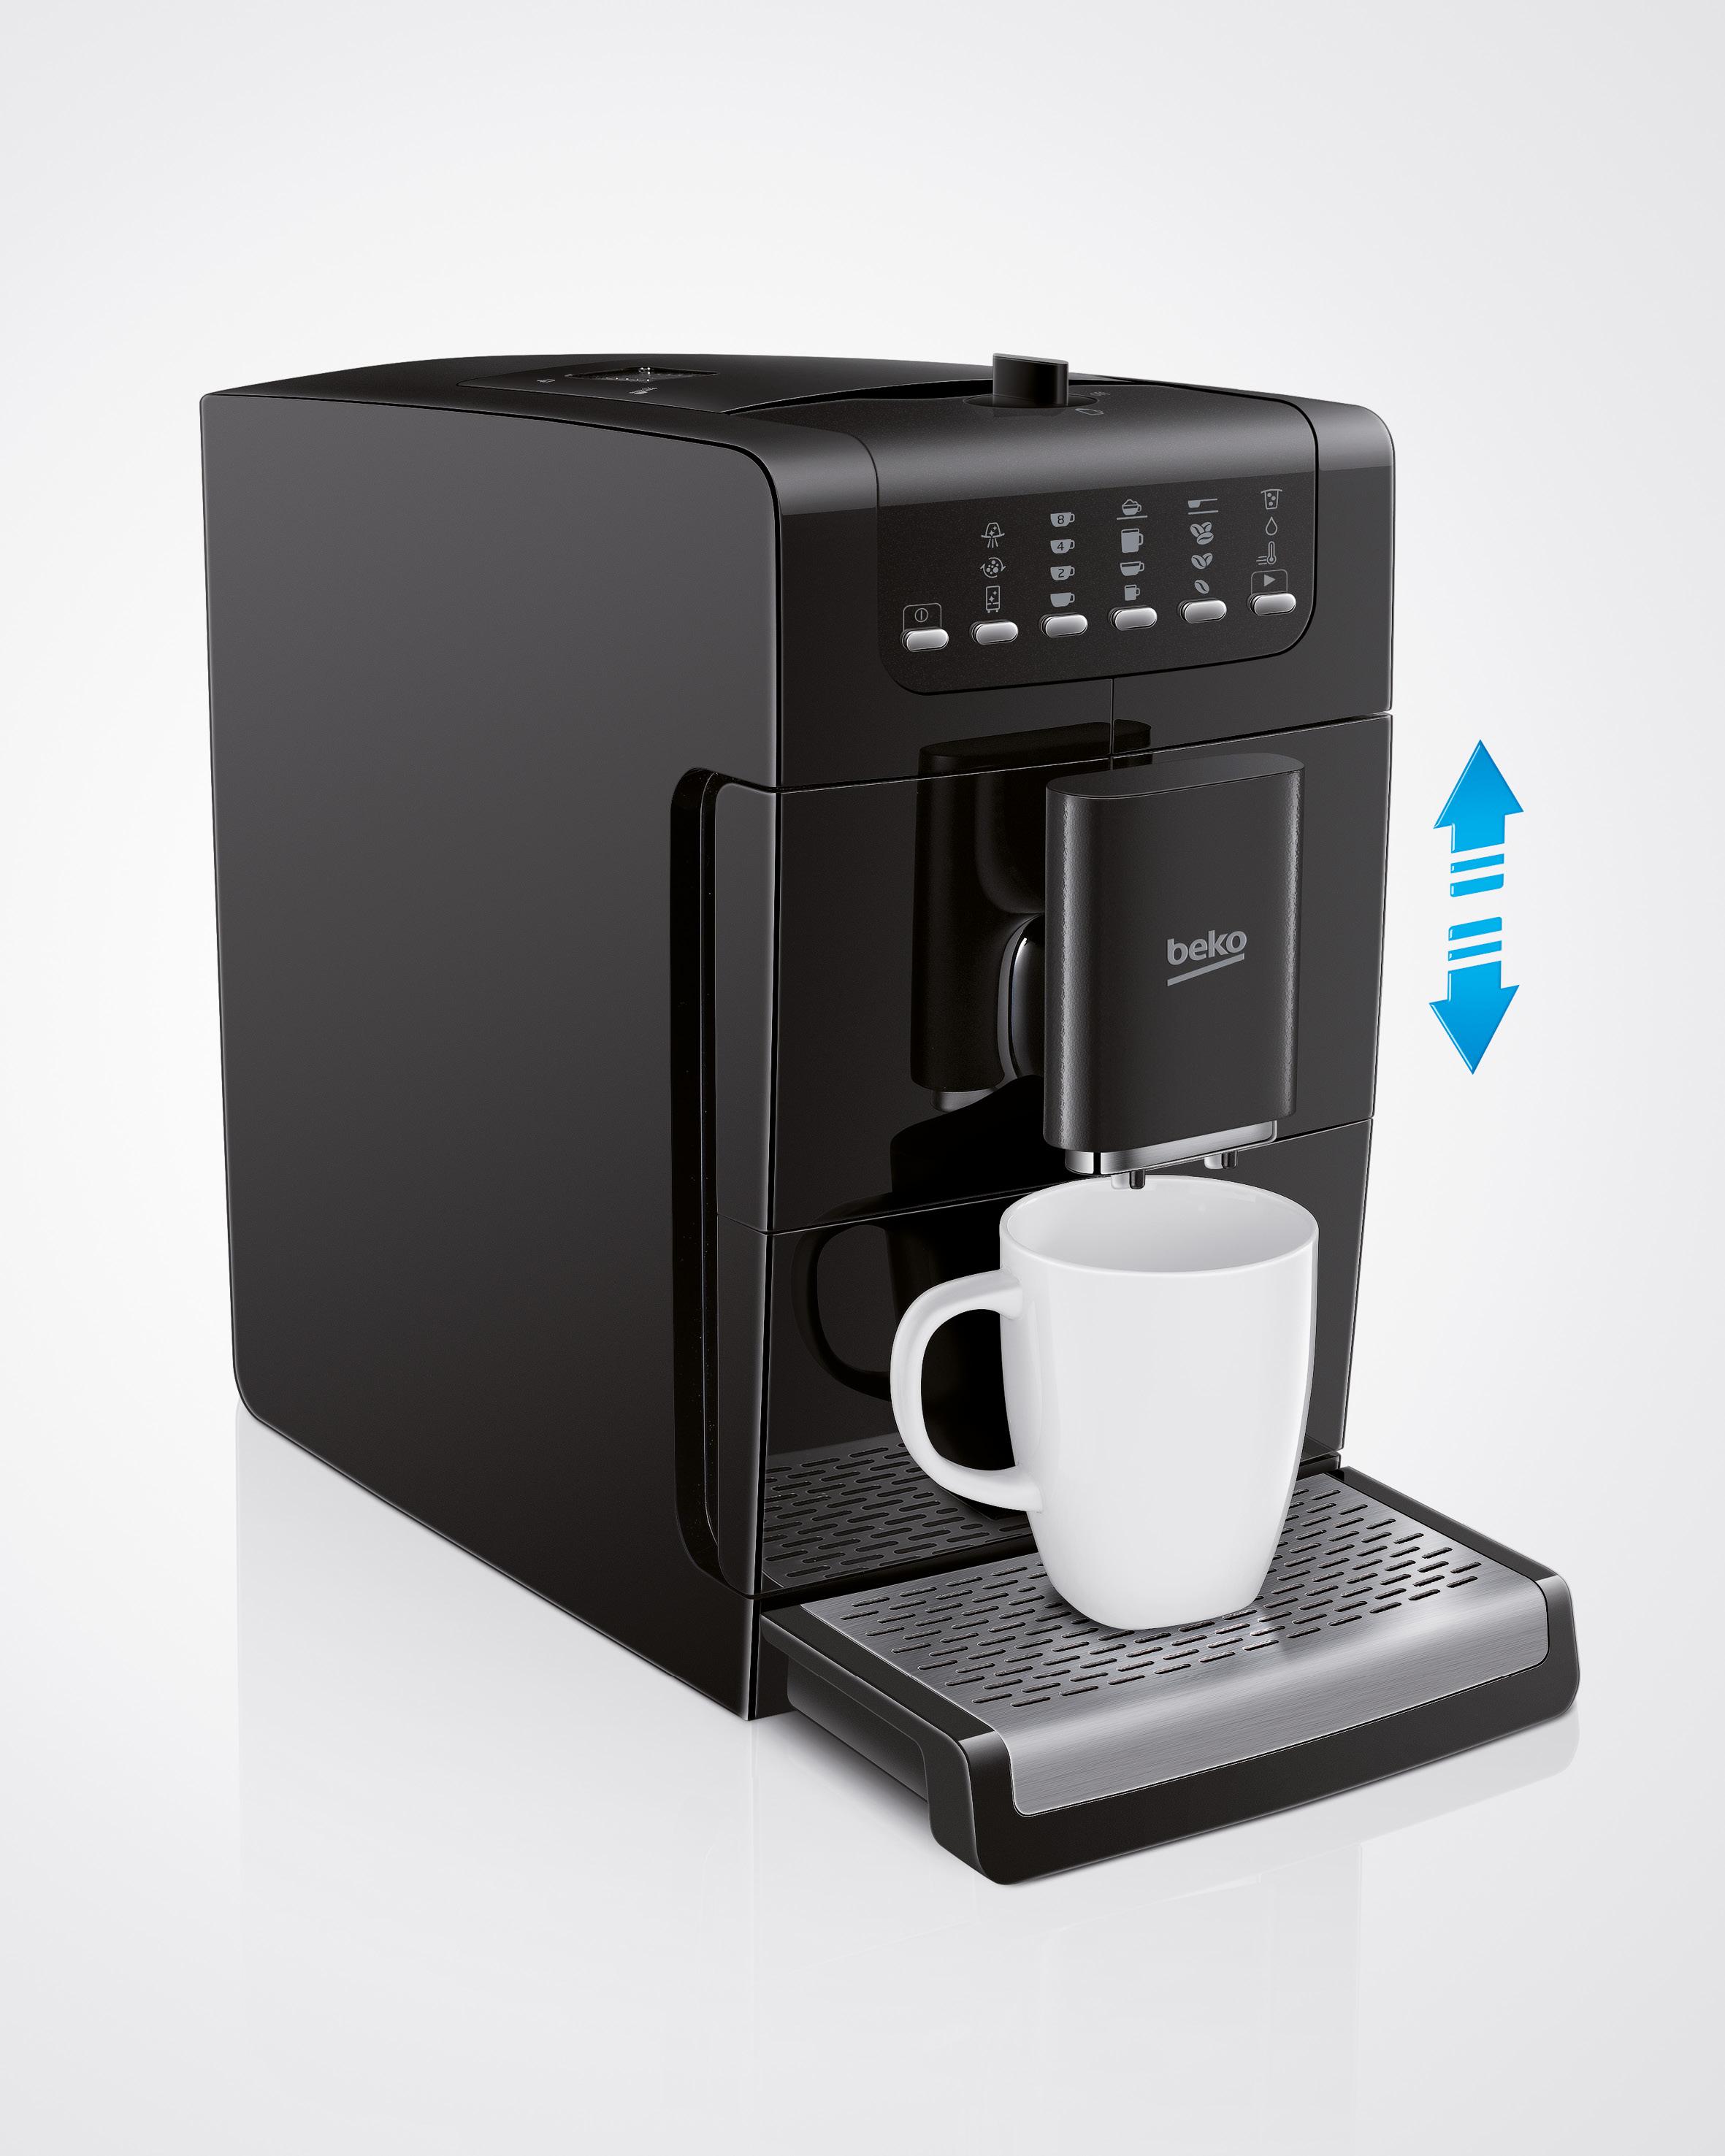 machine caf expresso avec broyeur automatique beko france. Black Bedroom Furniture Sets. Home Design Ideas